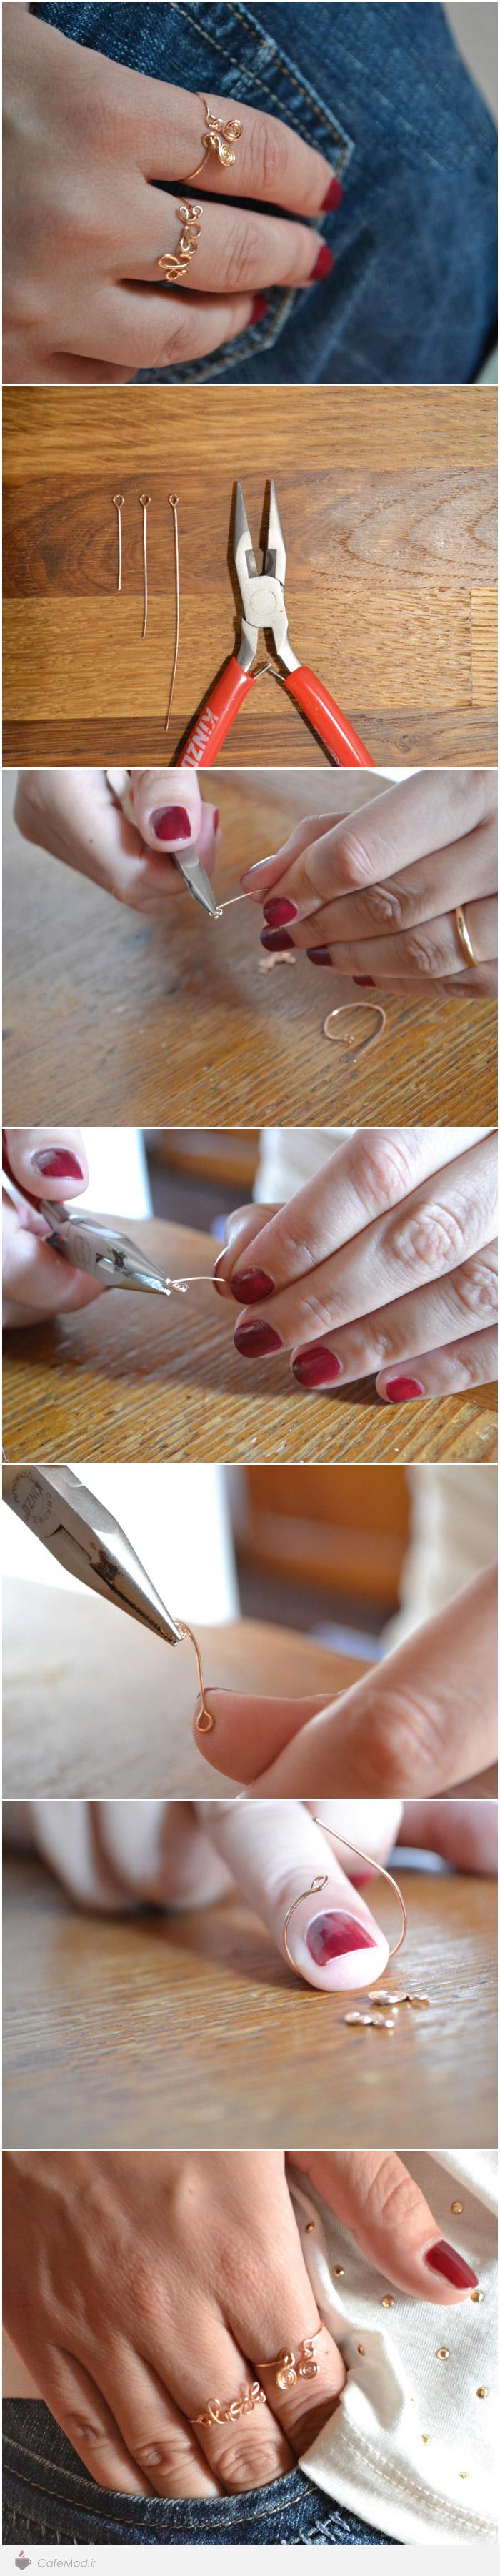 آموزش تصویری ساخت انگشتر با سیم